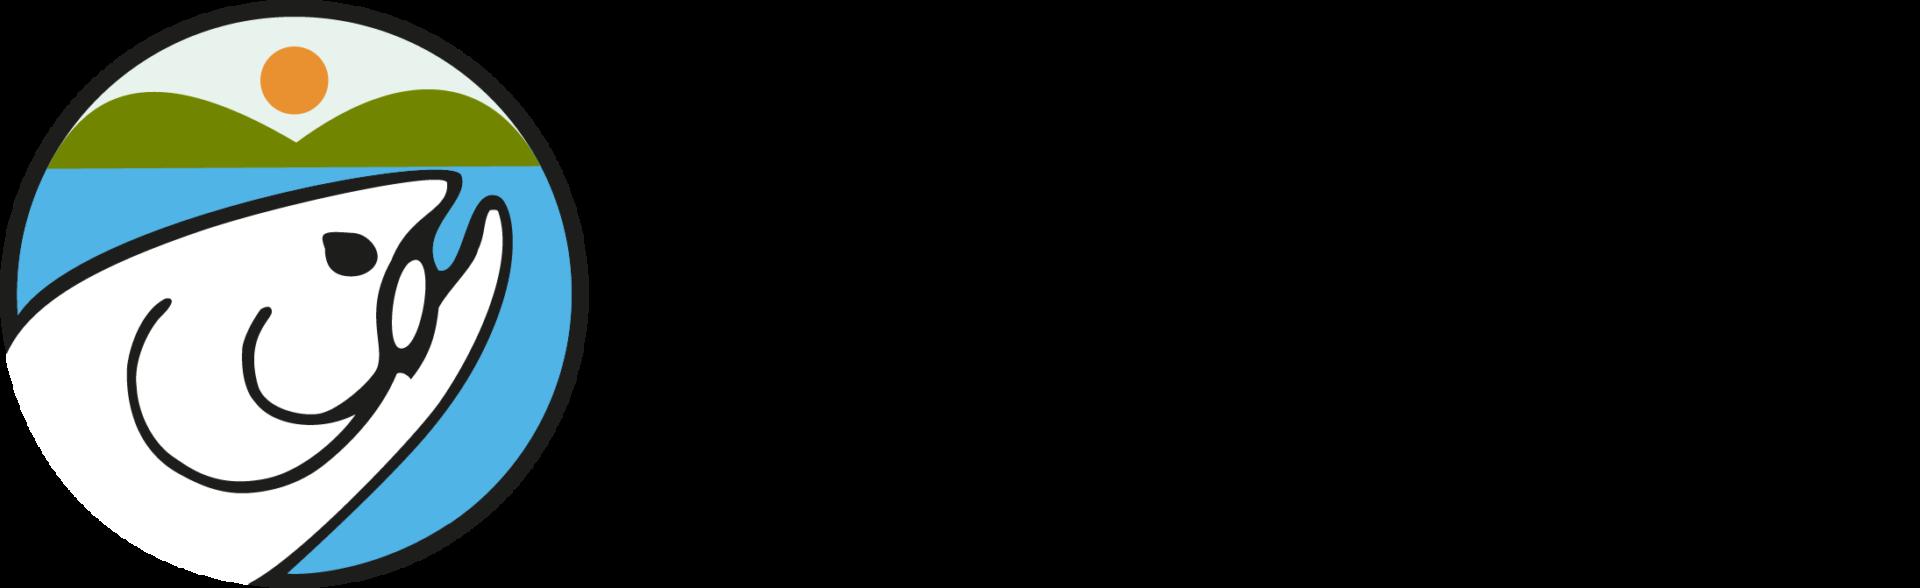 Laxfond Vänern